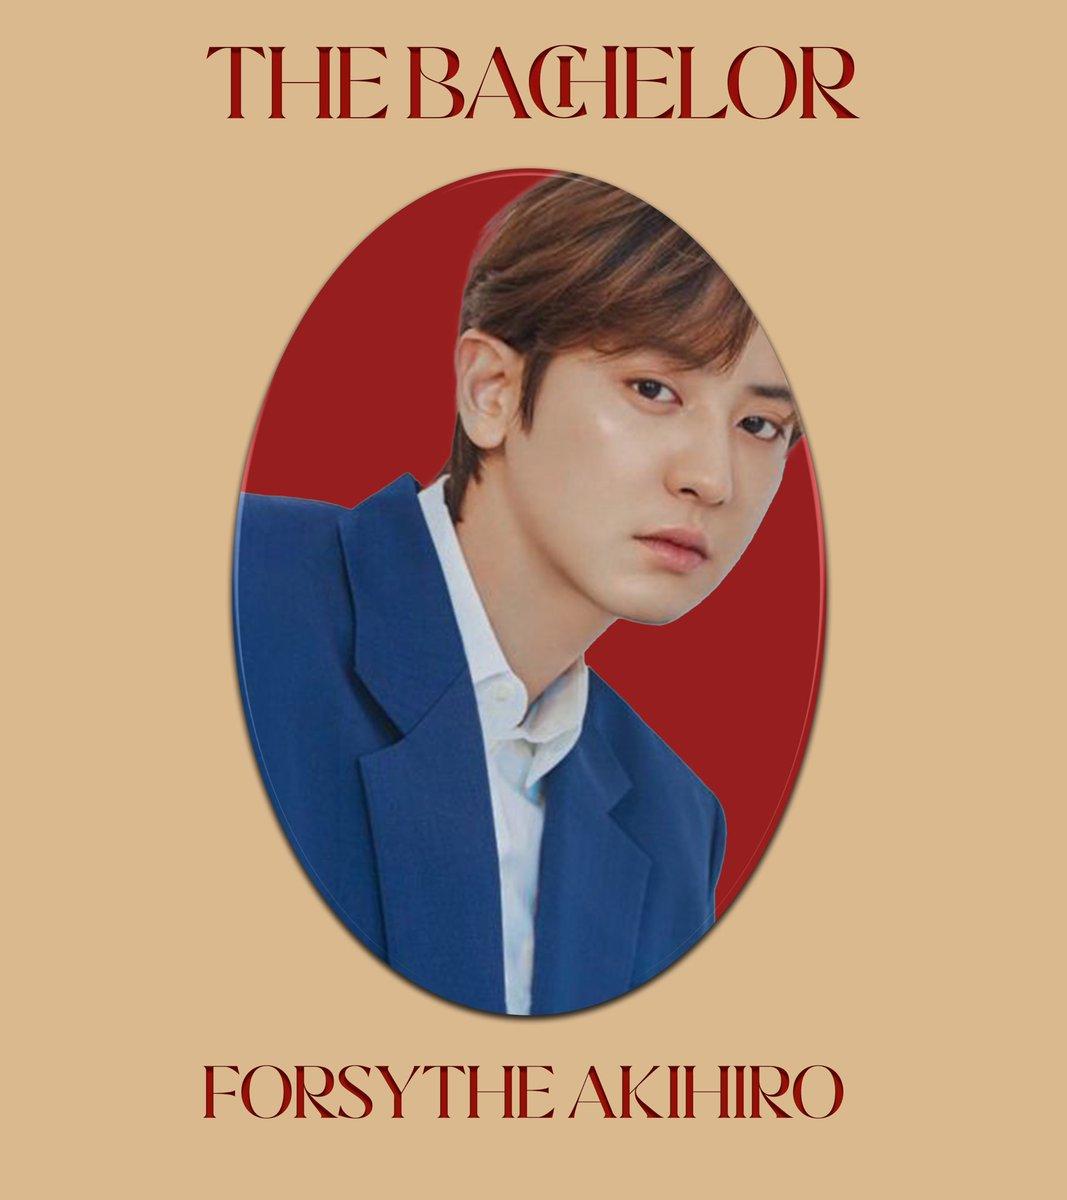 ㅤ 欢迎回家, GOSIENGFIAOs.⠀ GOSIENGFIAO, Forsythe Akihiro ────── THE BACHELOR.⠀⠀ ㅤ